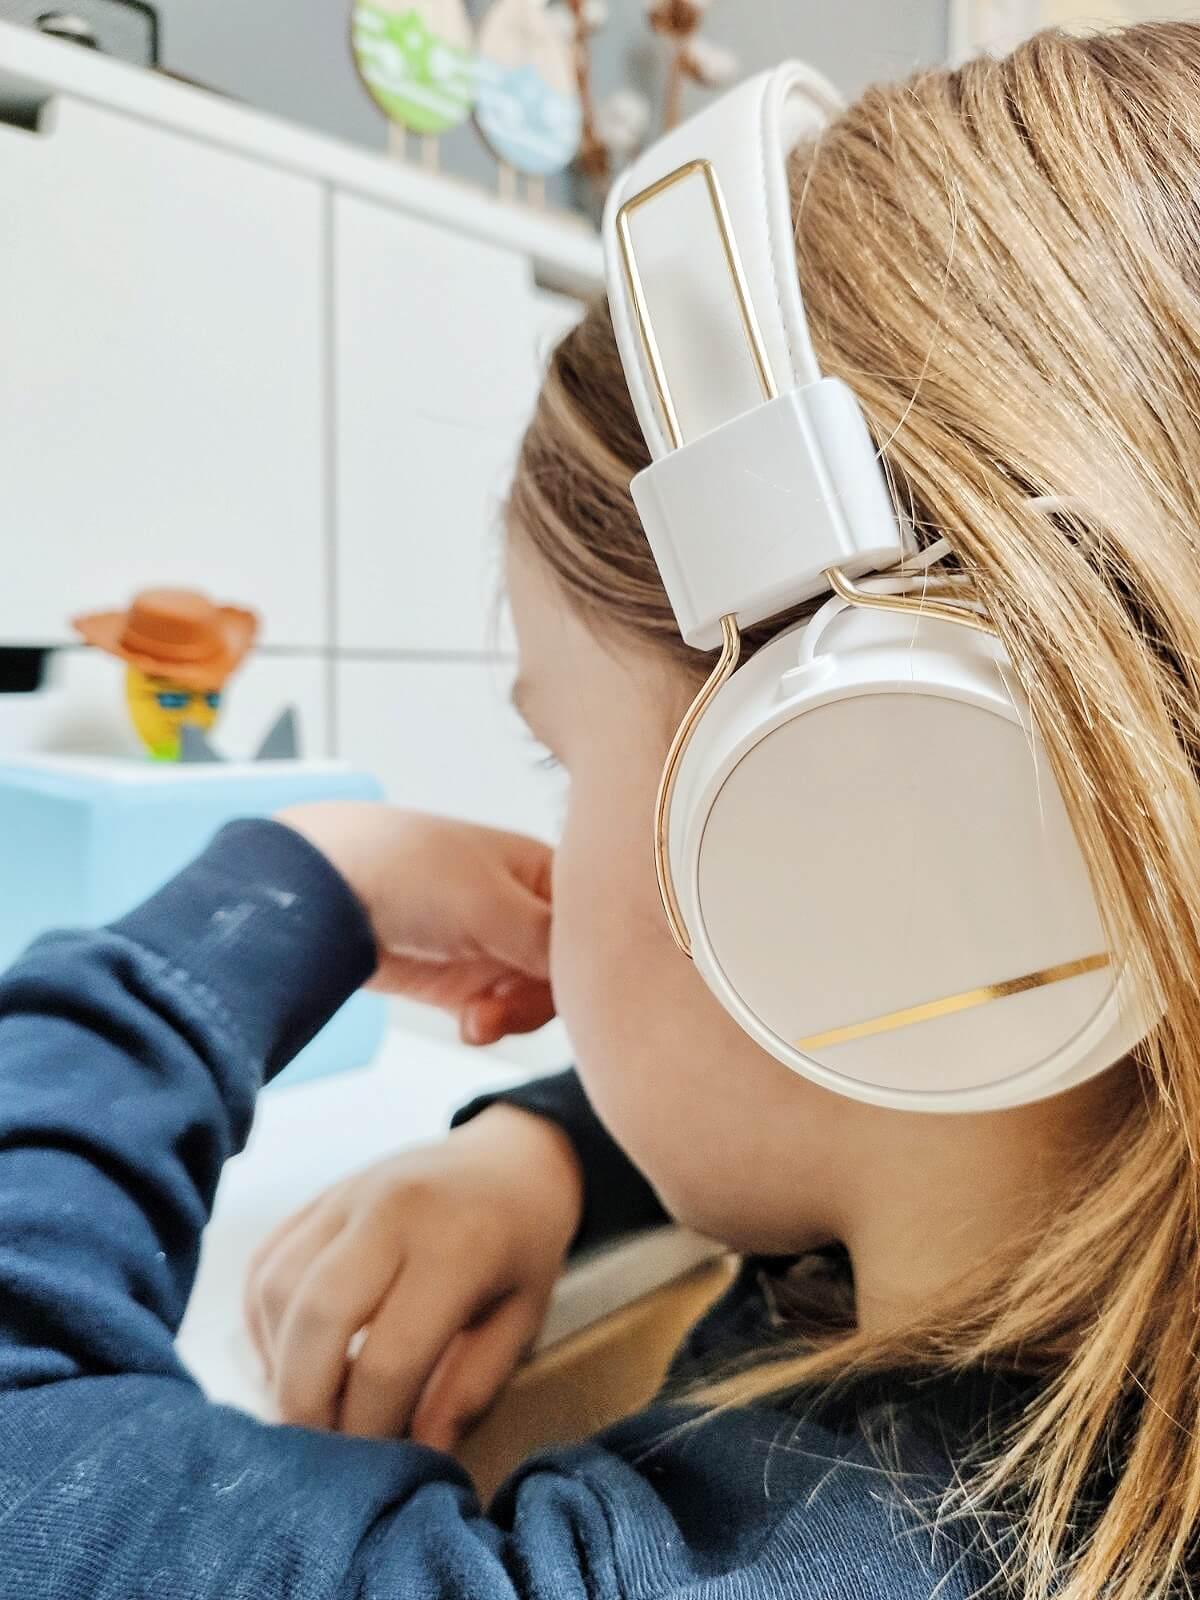 Welche schönen Lieder und Geschichten für kleine und große Kinder